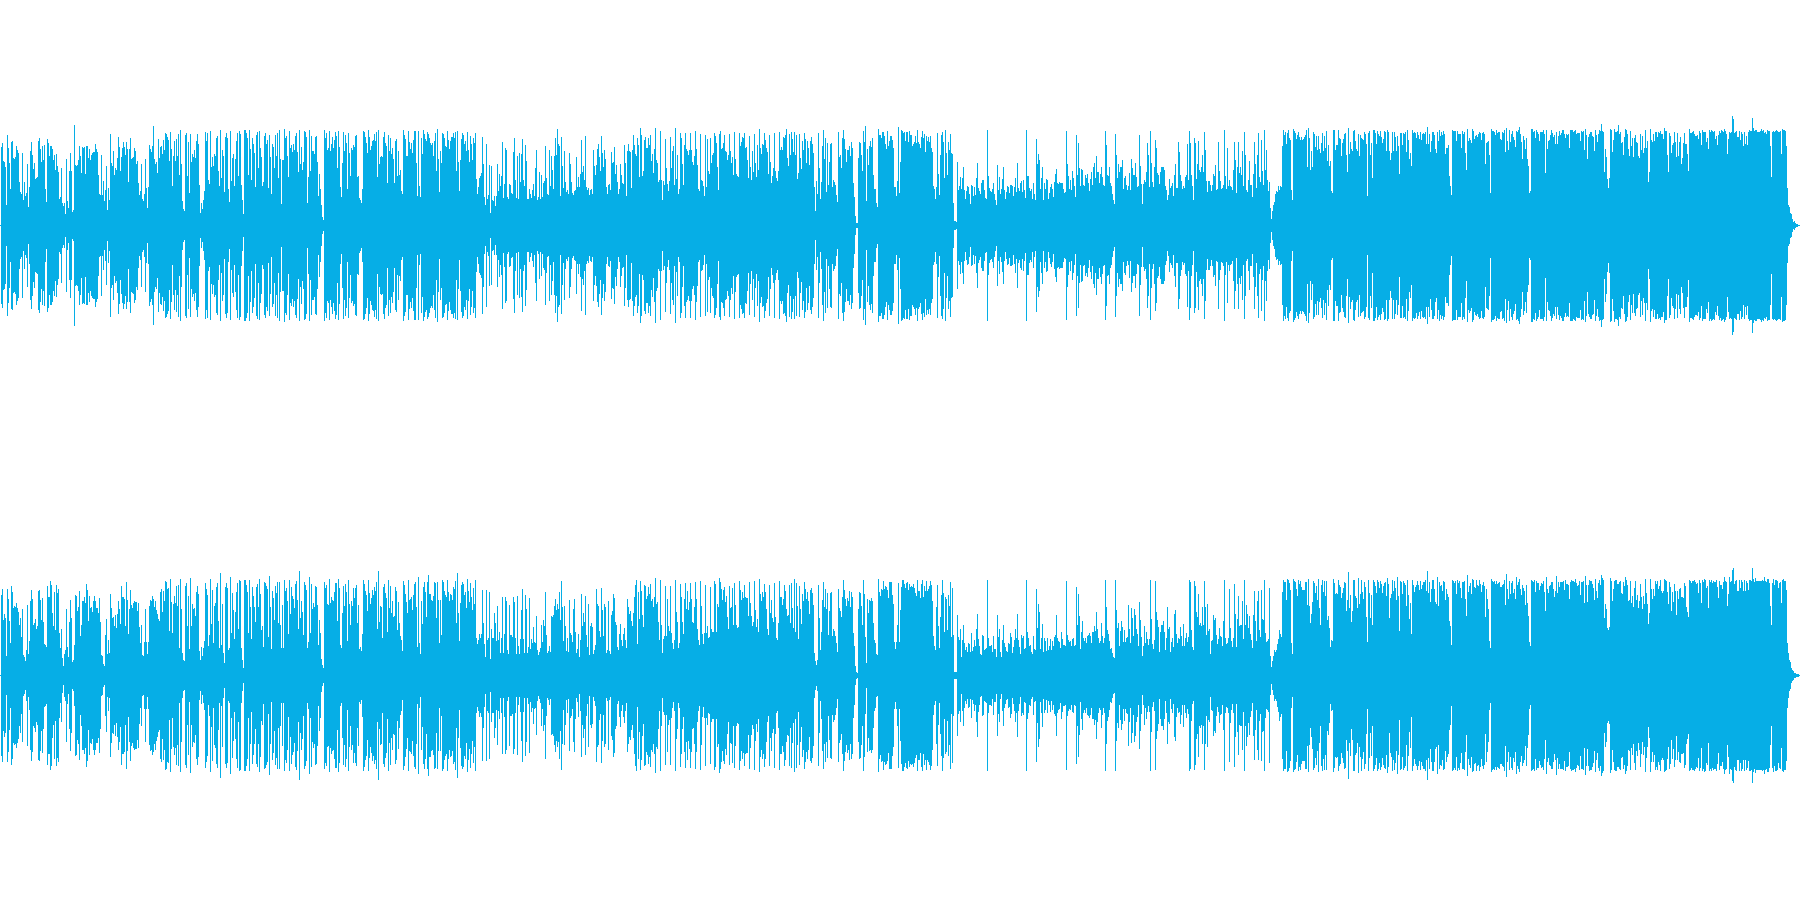 劇伴、エキゾチックで派手なシンセ曲の再生済みの波形